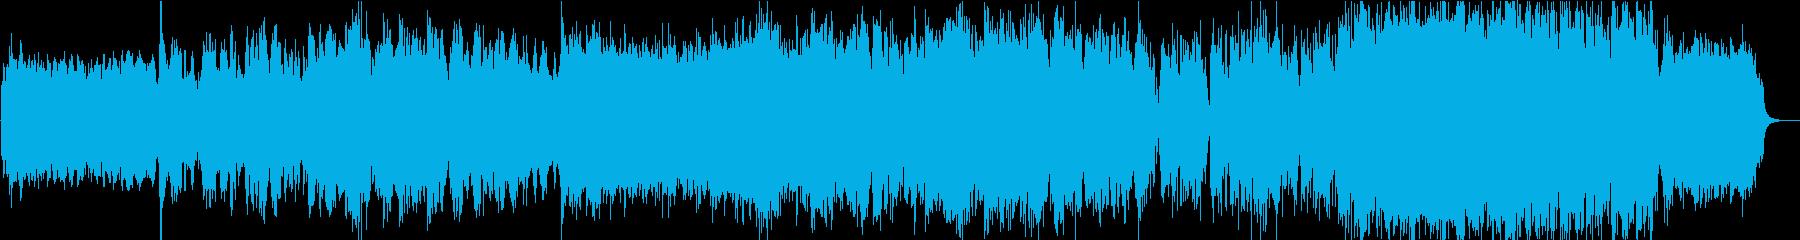 【二胡・古筝】哀愁をイメージした楽曲の再生済みの波形